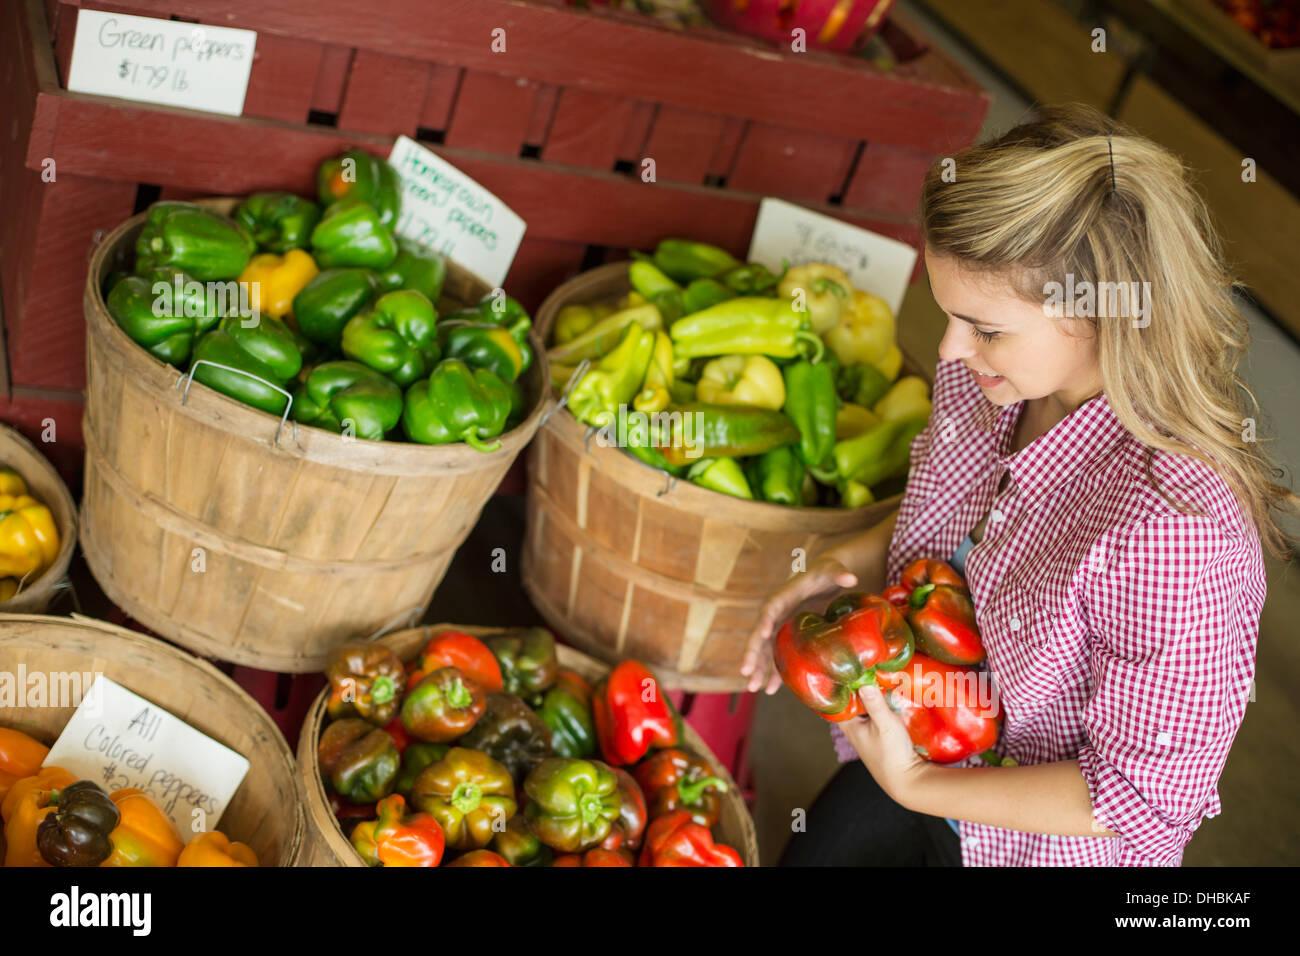 Travailler sur une ferme biologique. Une jeune femme aux cheveux blonds différents types de tri bell pepper pour la vente. Photo Stock